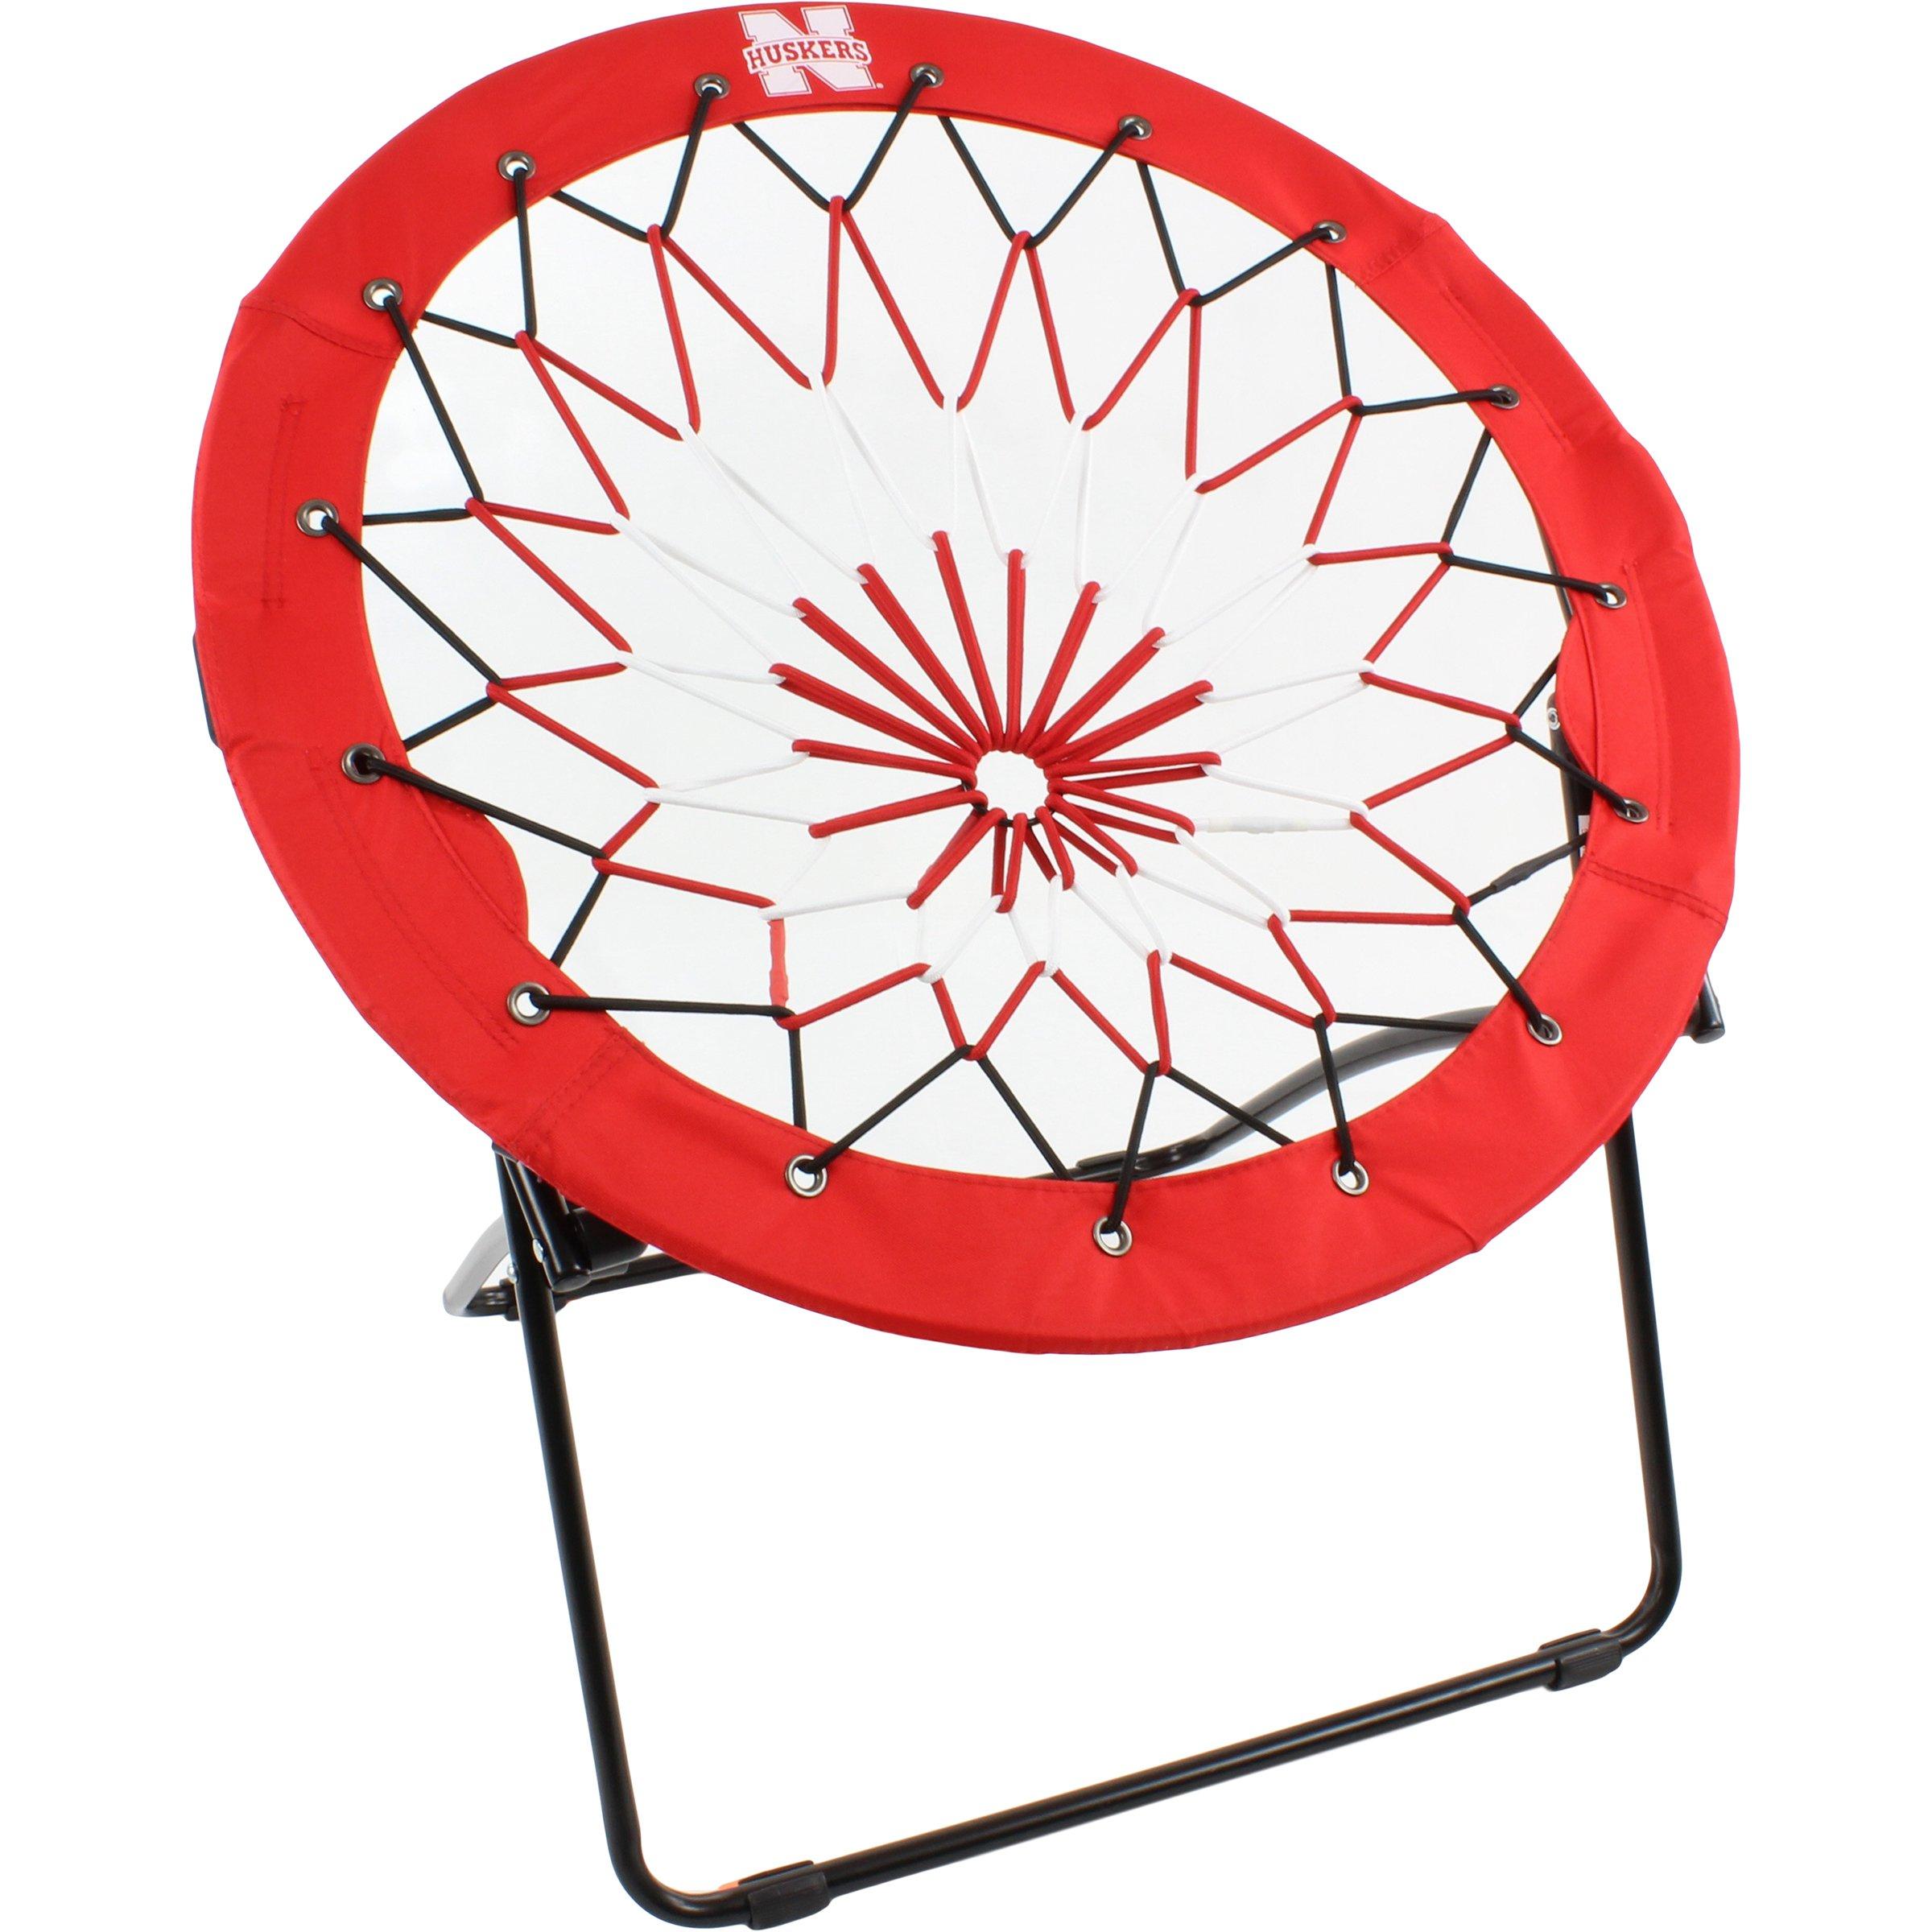 College Covers Nebraska Cornhuskers NCAA Bunjo Chair